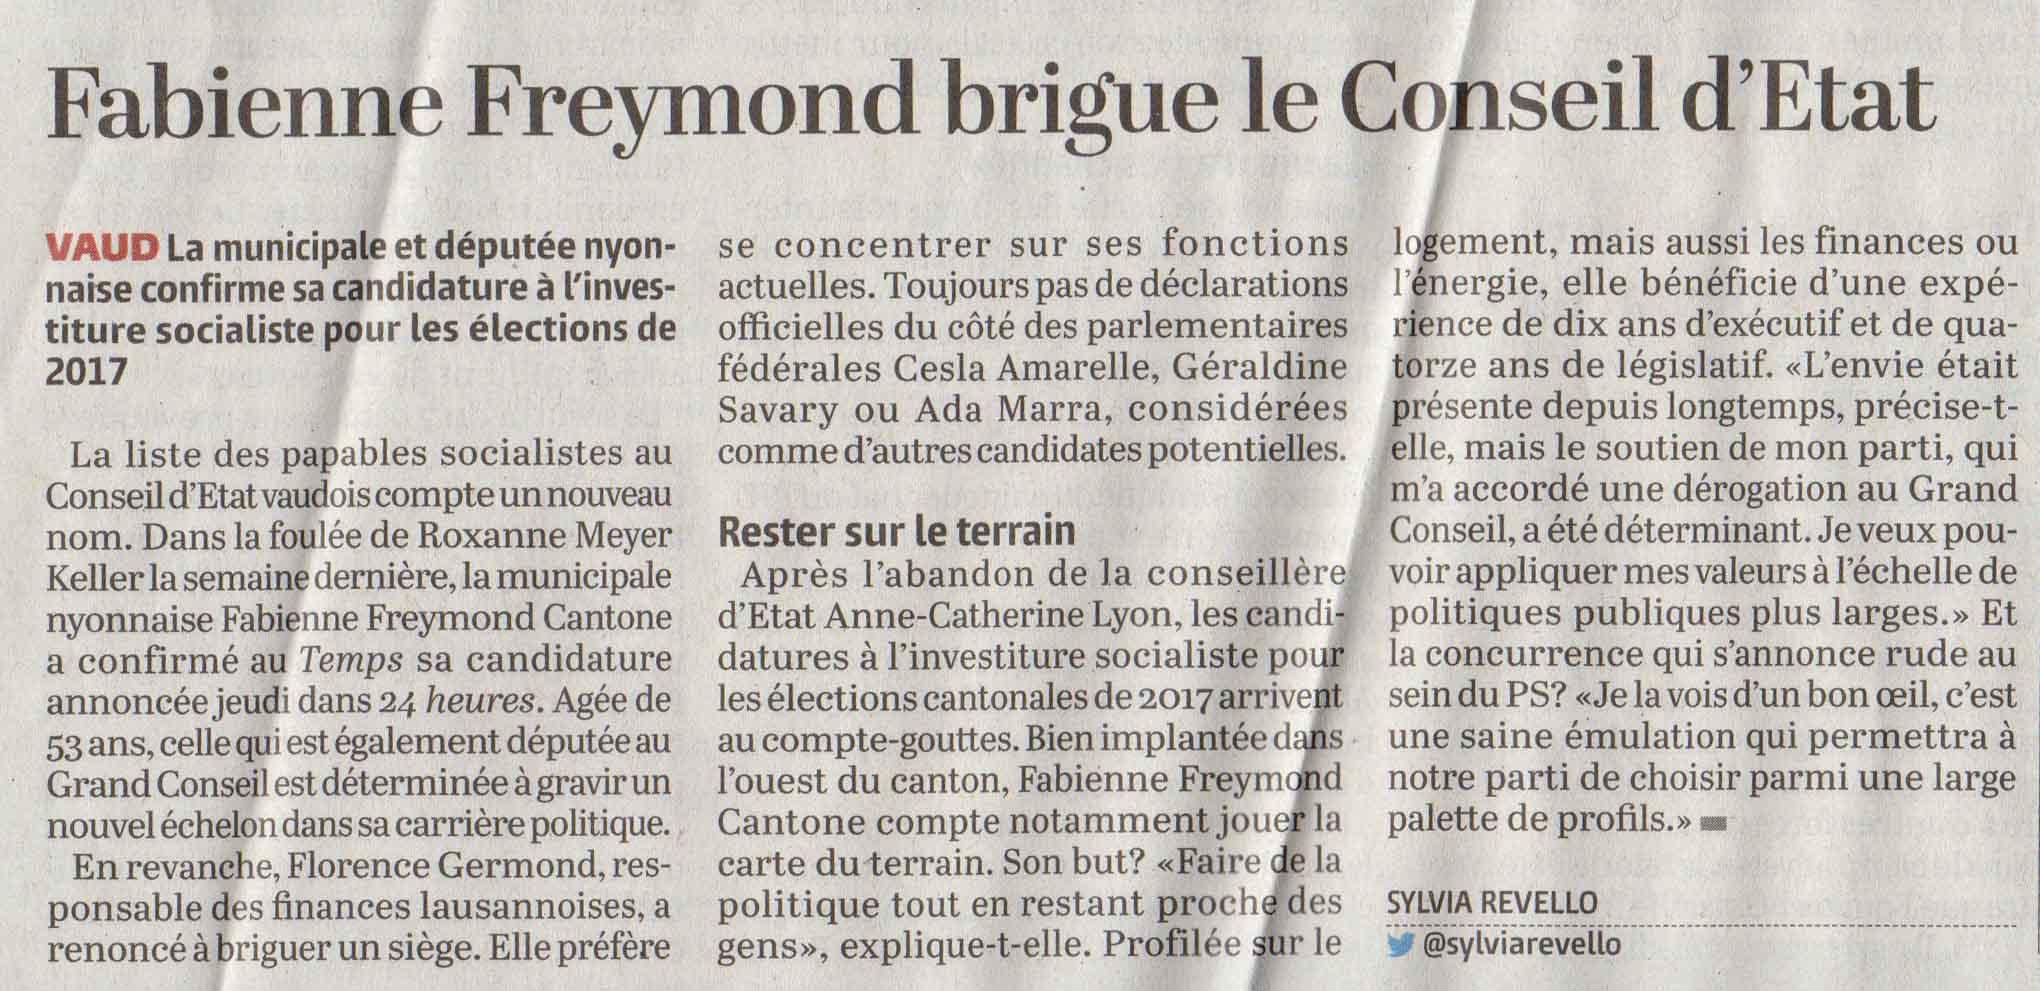 Copy of 2016-10-07 Le Temps - Fabienne Freymond Cantone brigue le Conseil d'Etat